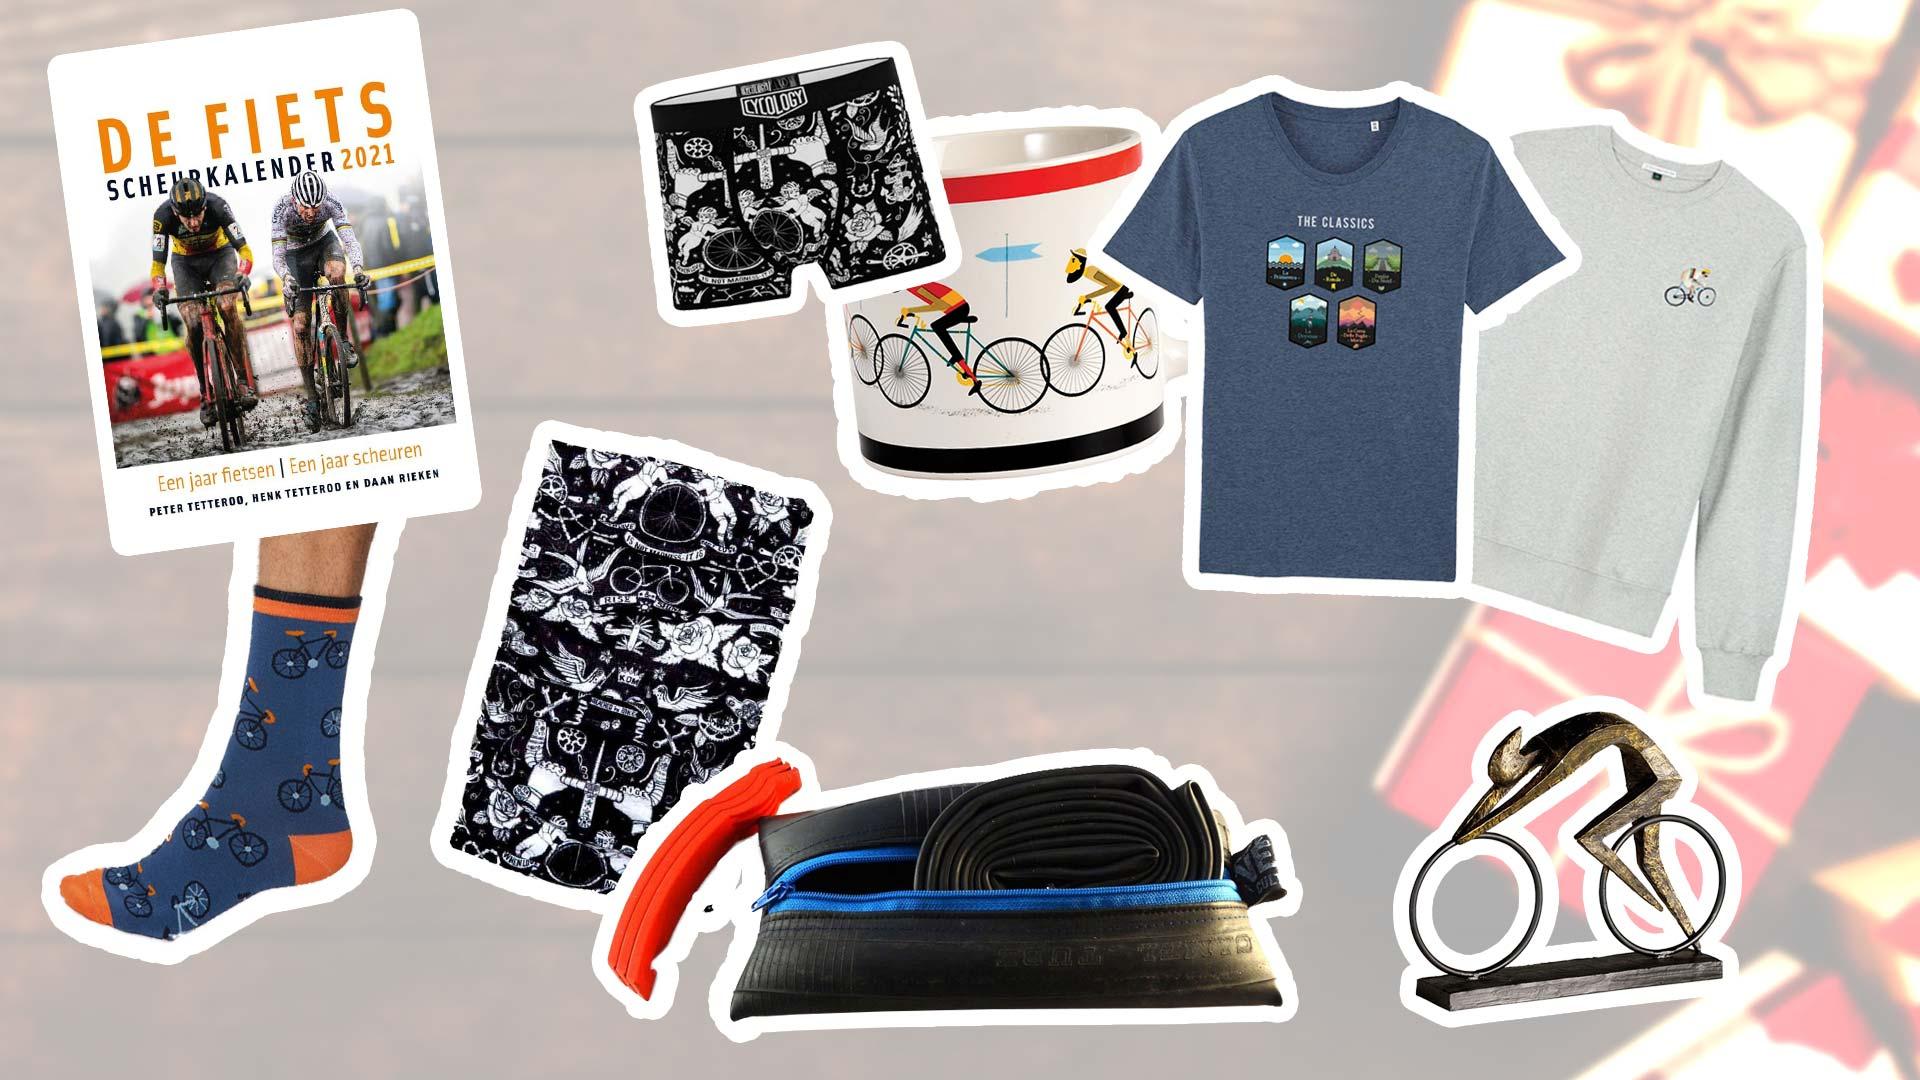 13x cadeau-inspiratie voor fietsers: sinterklaas & kerst